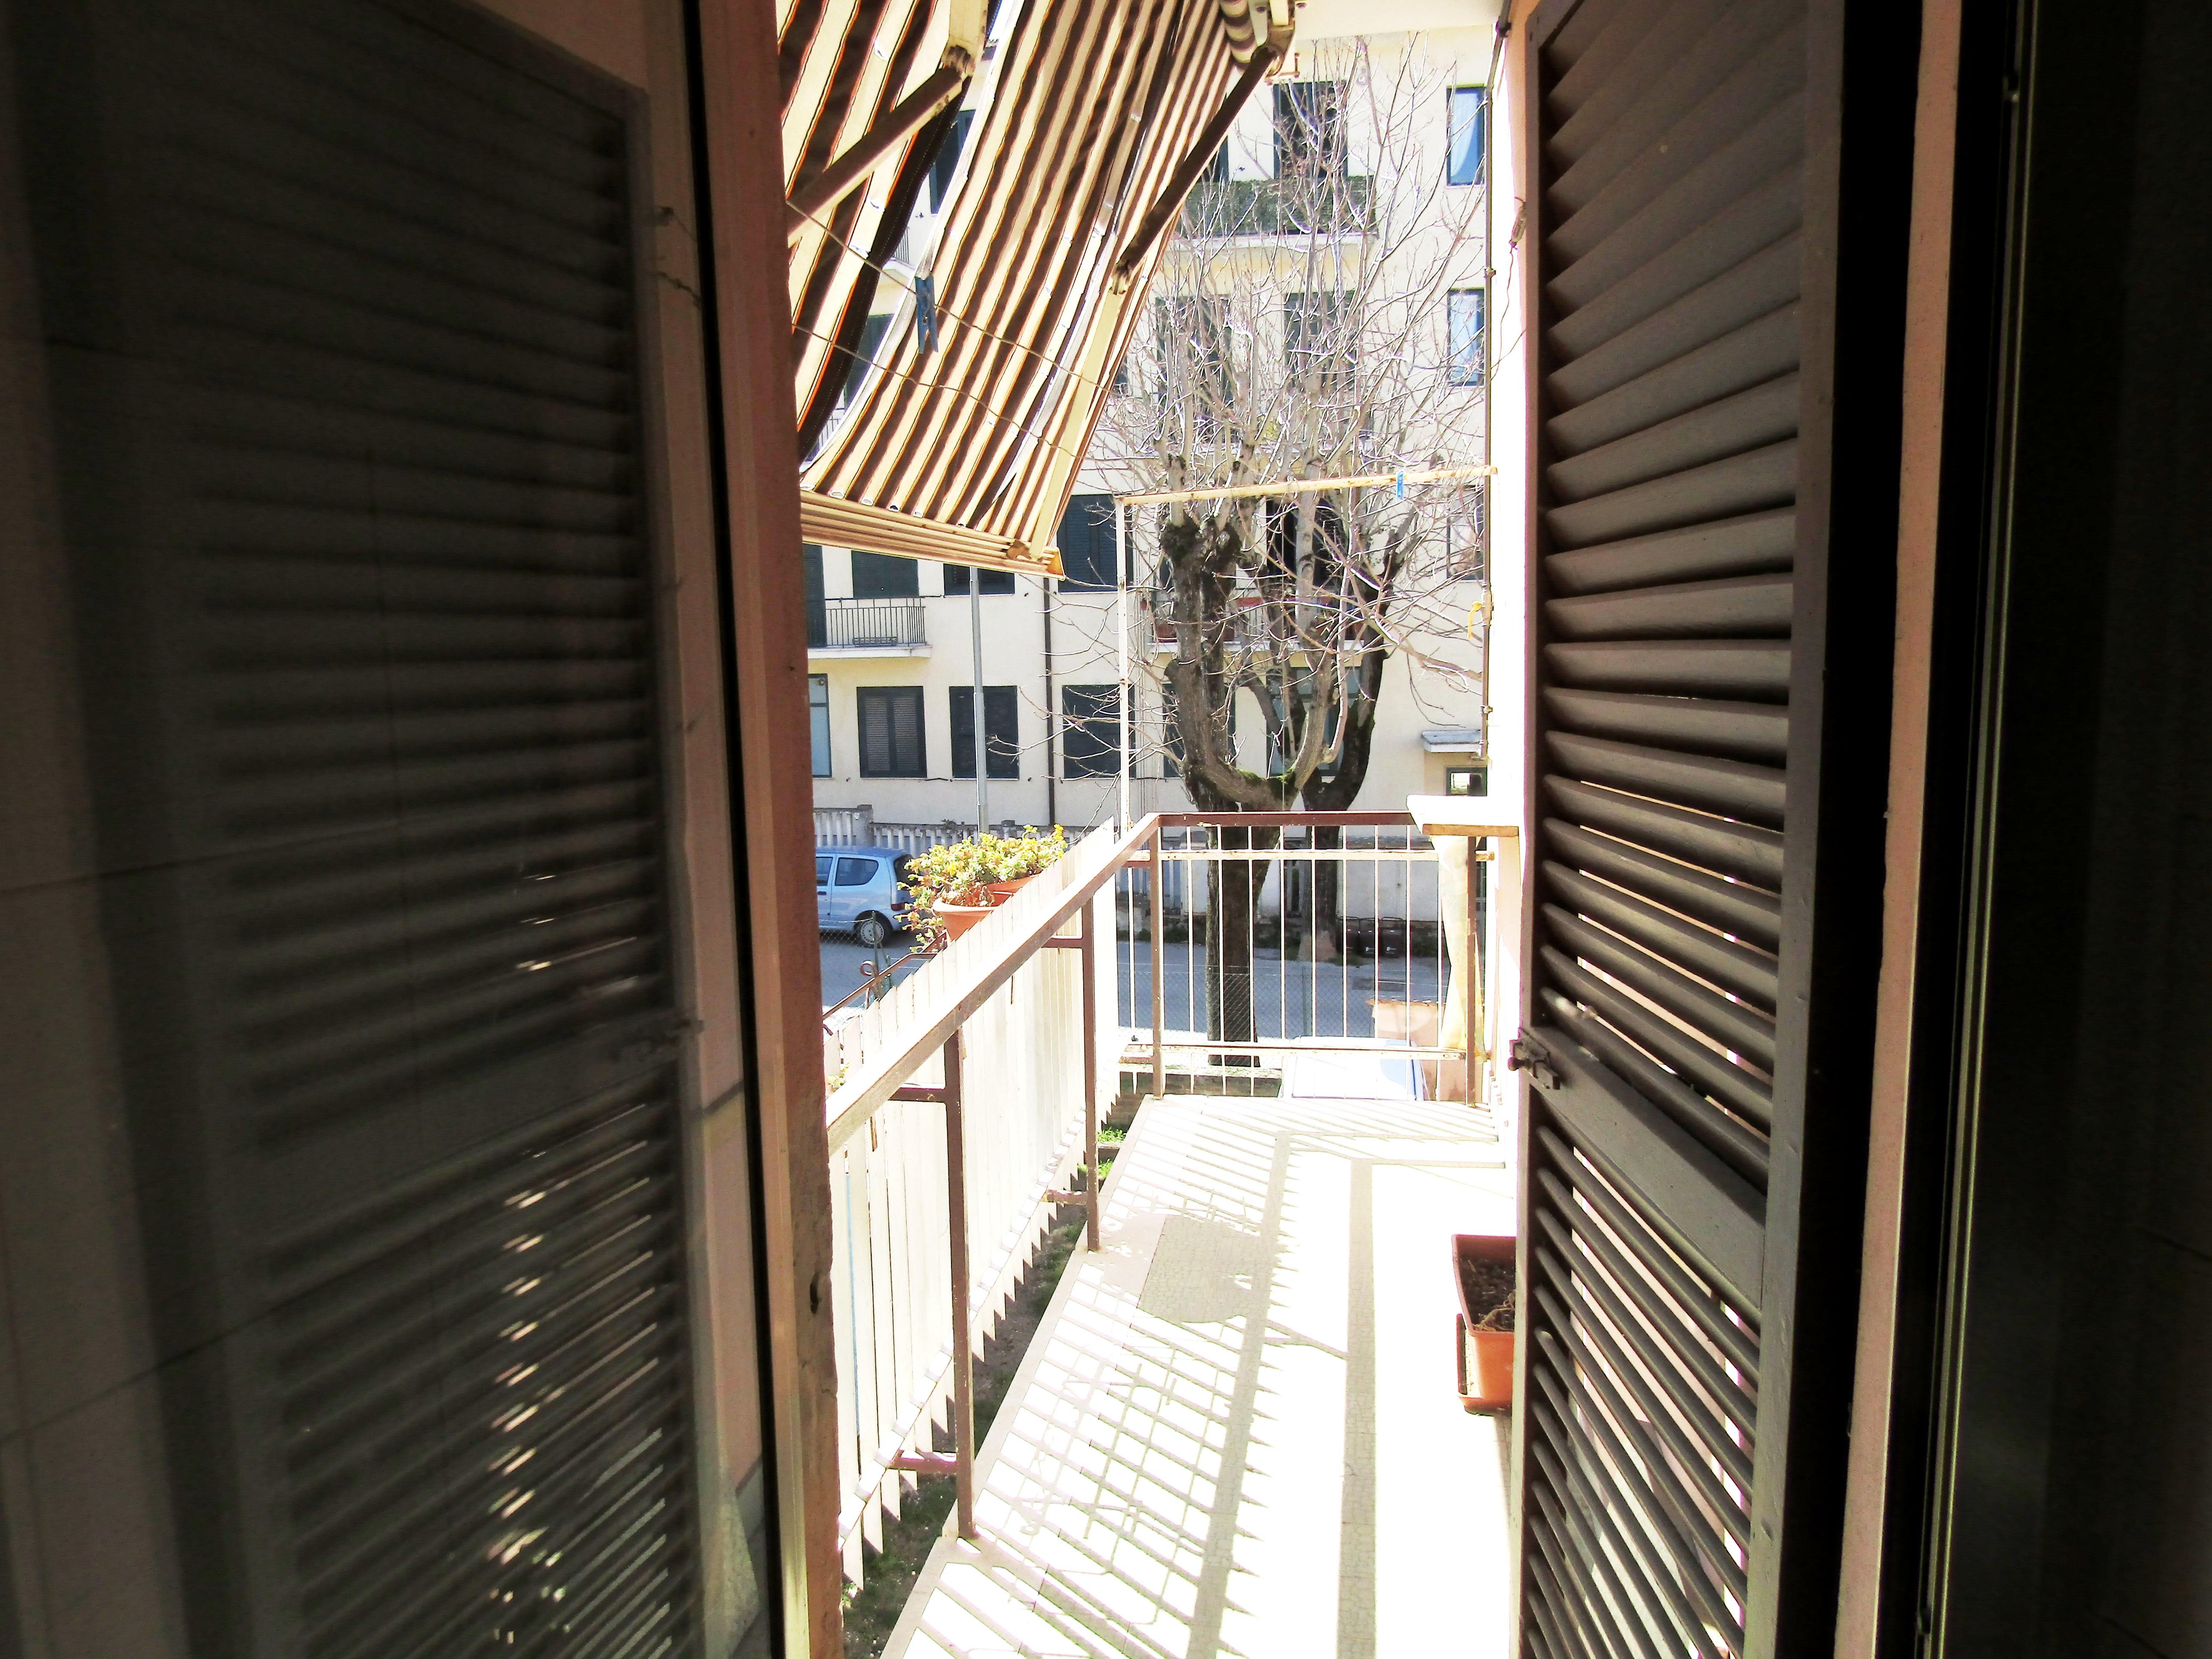 Foligno traversa via piave immobiliare via roma for Immobiliare foligno